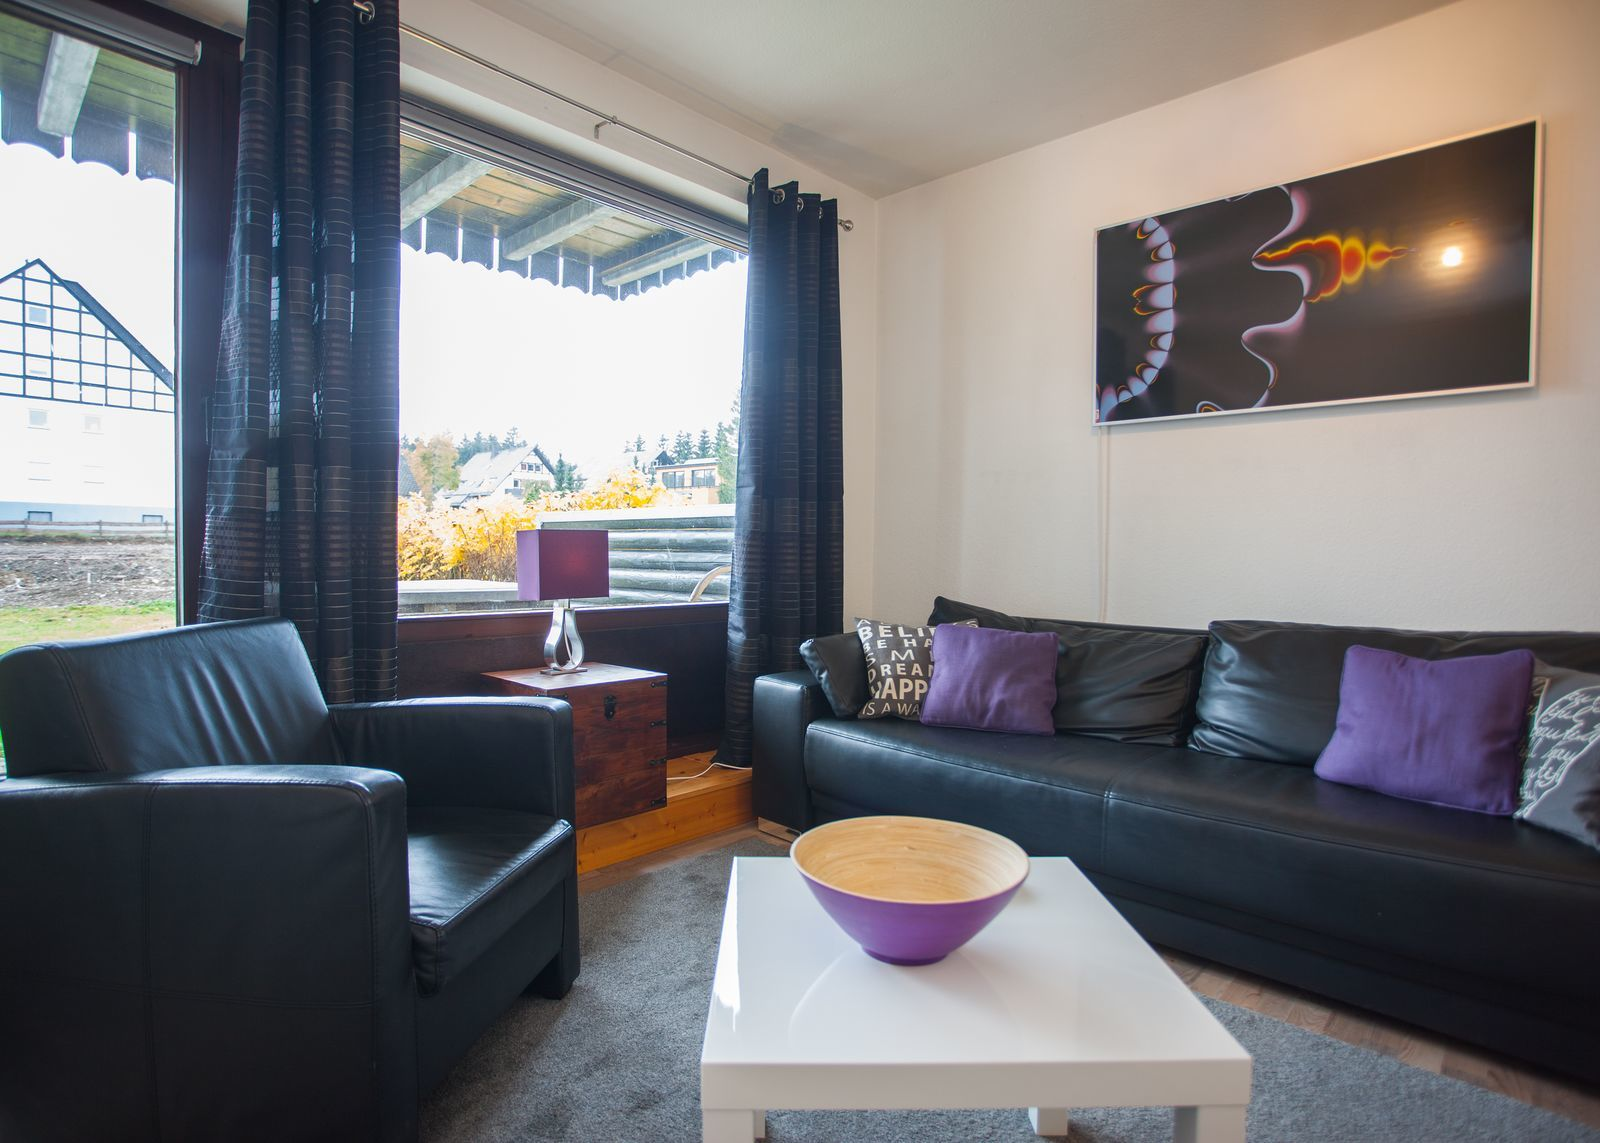 Appartement - Dr.-Suren-Strasse 13-4